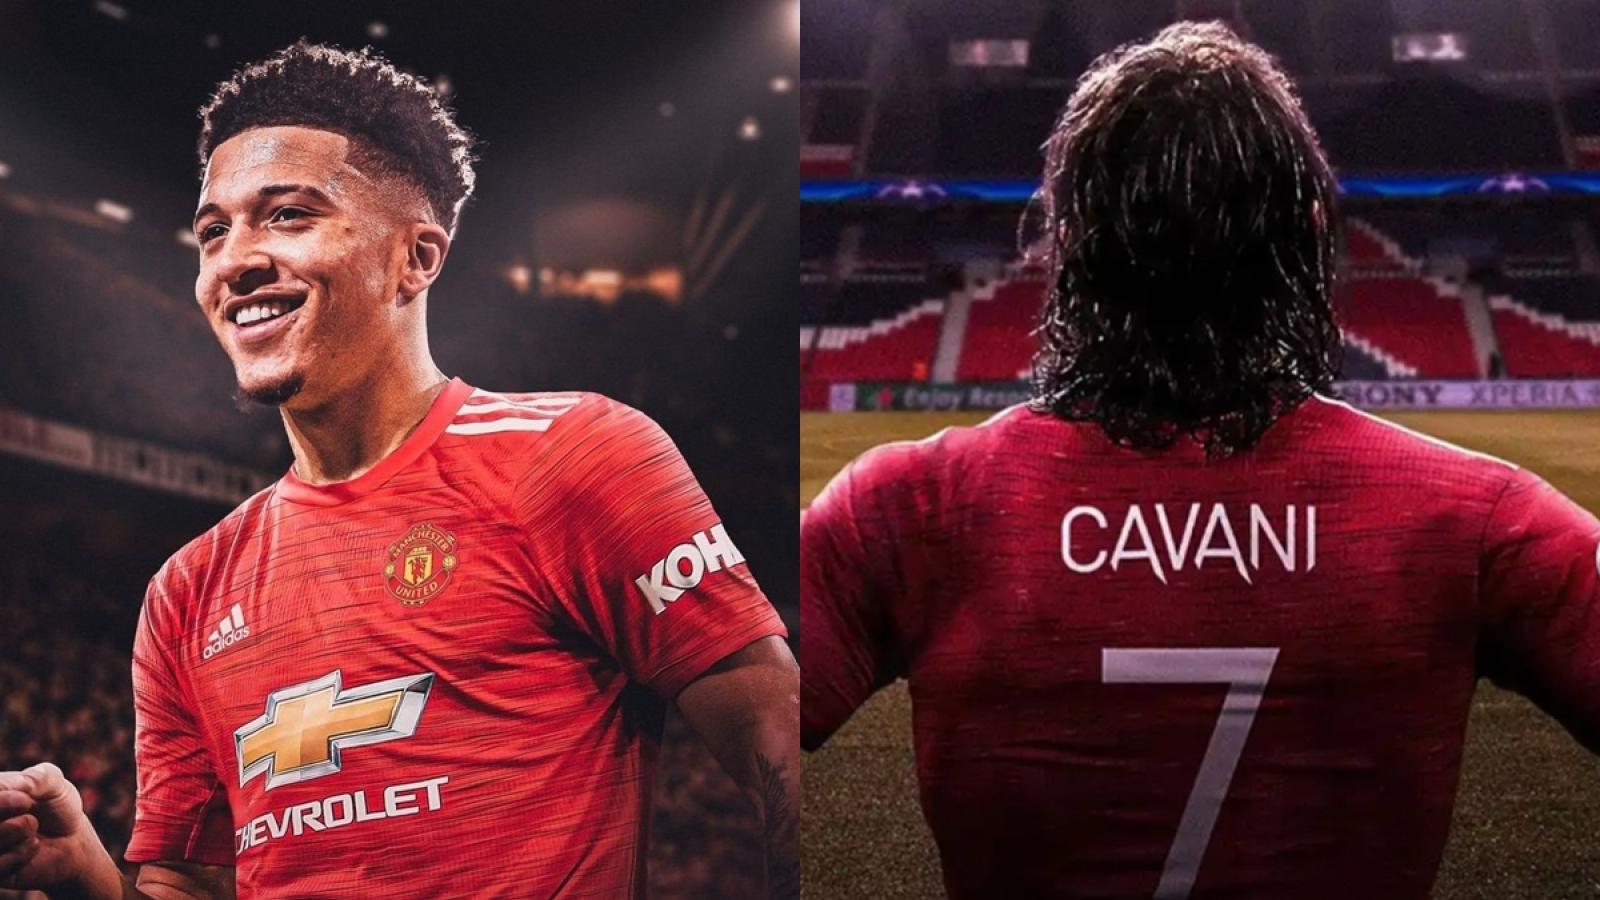 Edinson Cavani nhường chiếc áo số 7 ở MU cho Jadon Sancho?